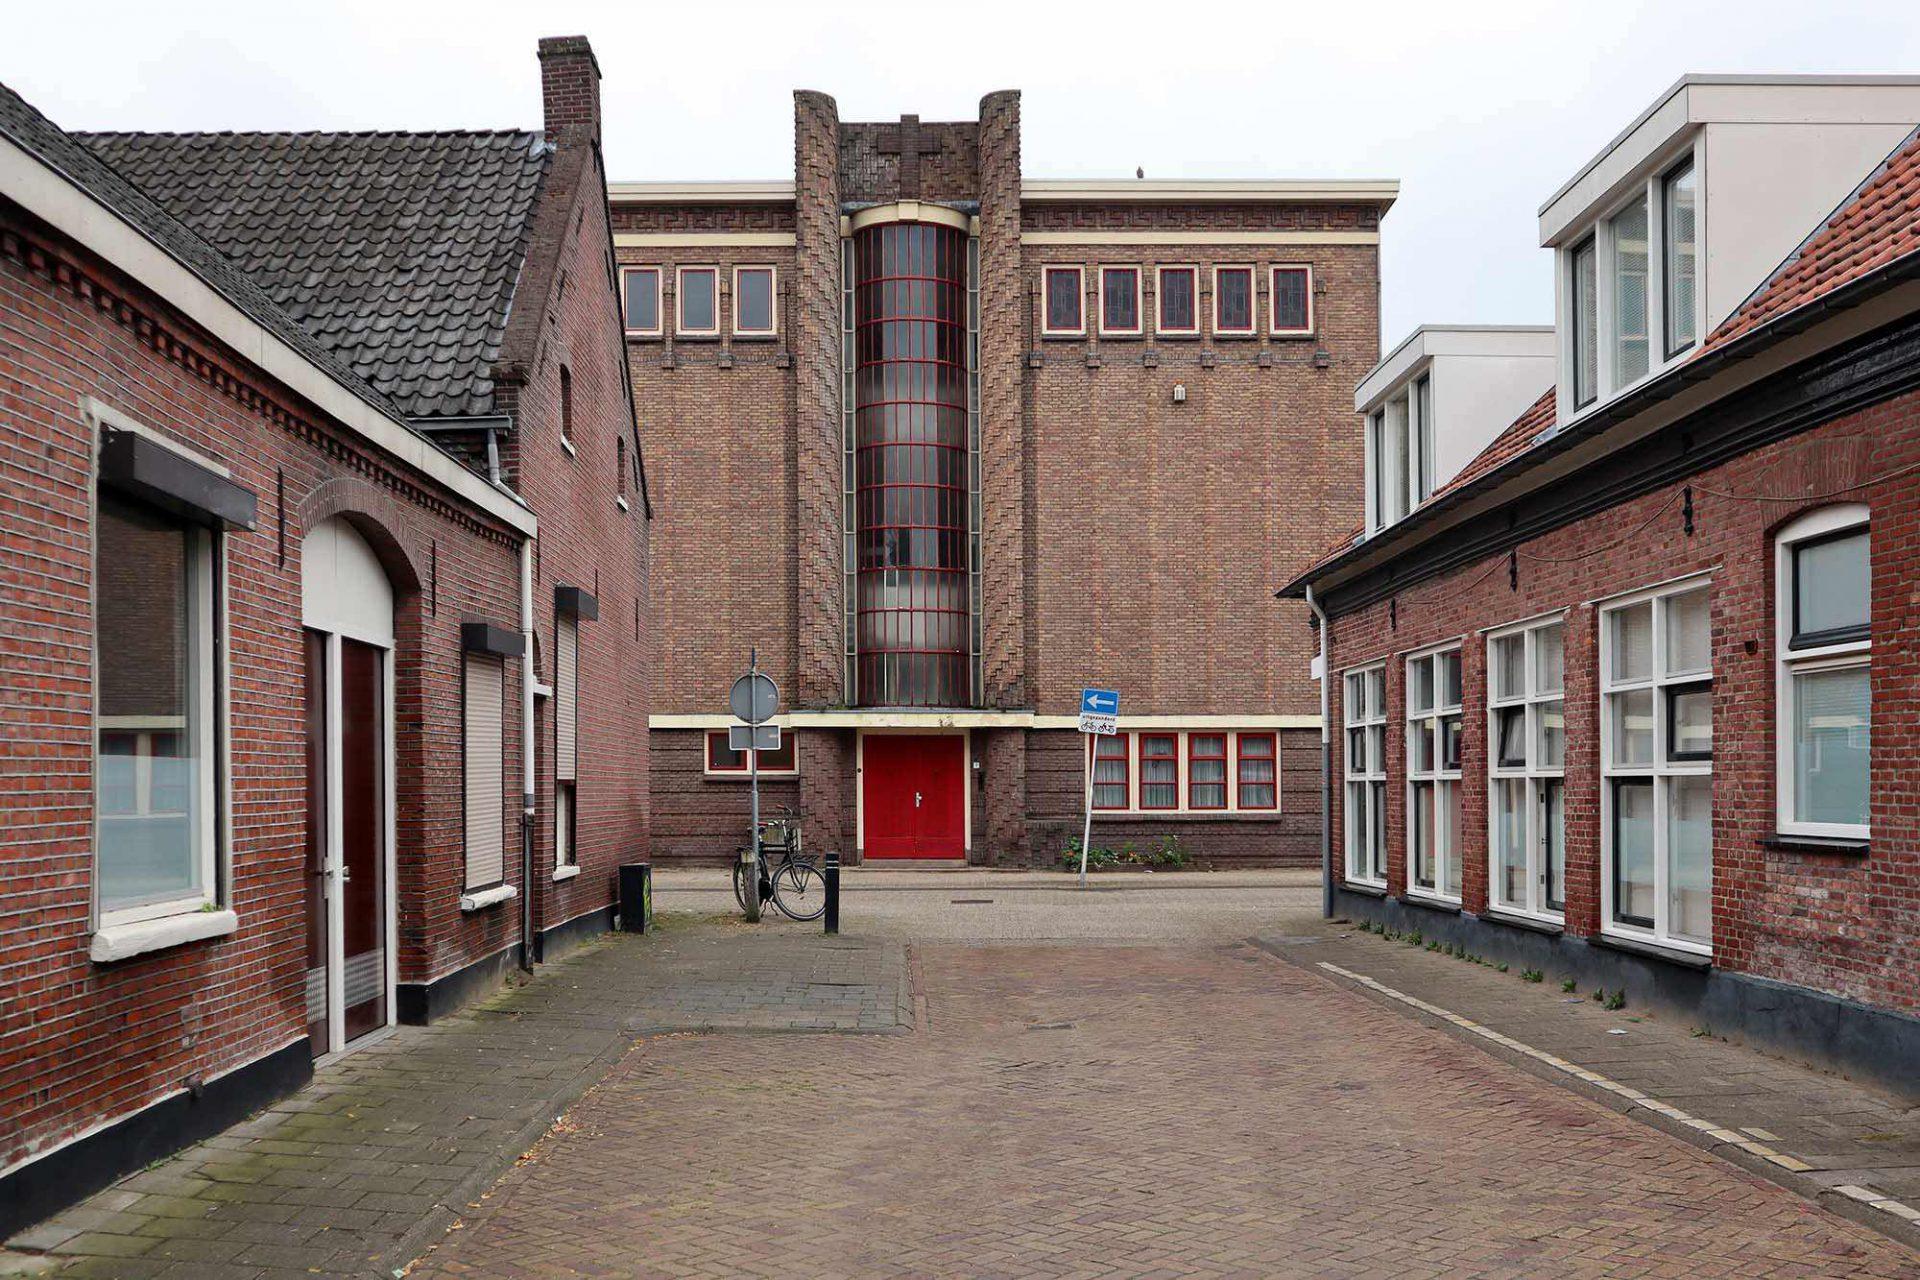 Theresialyceum. Das Schulgebäude am Alter Deich 9 entstand 1931 nach Plänen von Jos Donders im Auftrag der Kongregation der Barmherzigen Schwestern. Es beherbergt heute das Nationaldenkmal von Jozef Mavo.